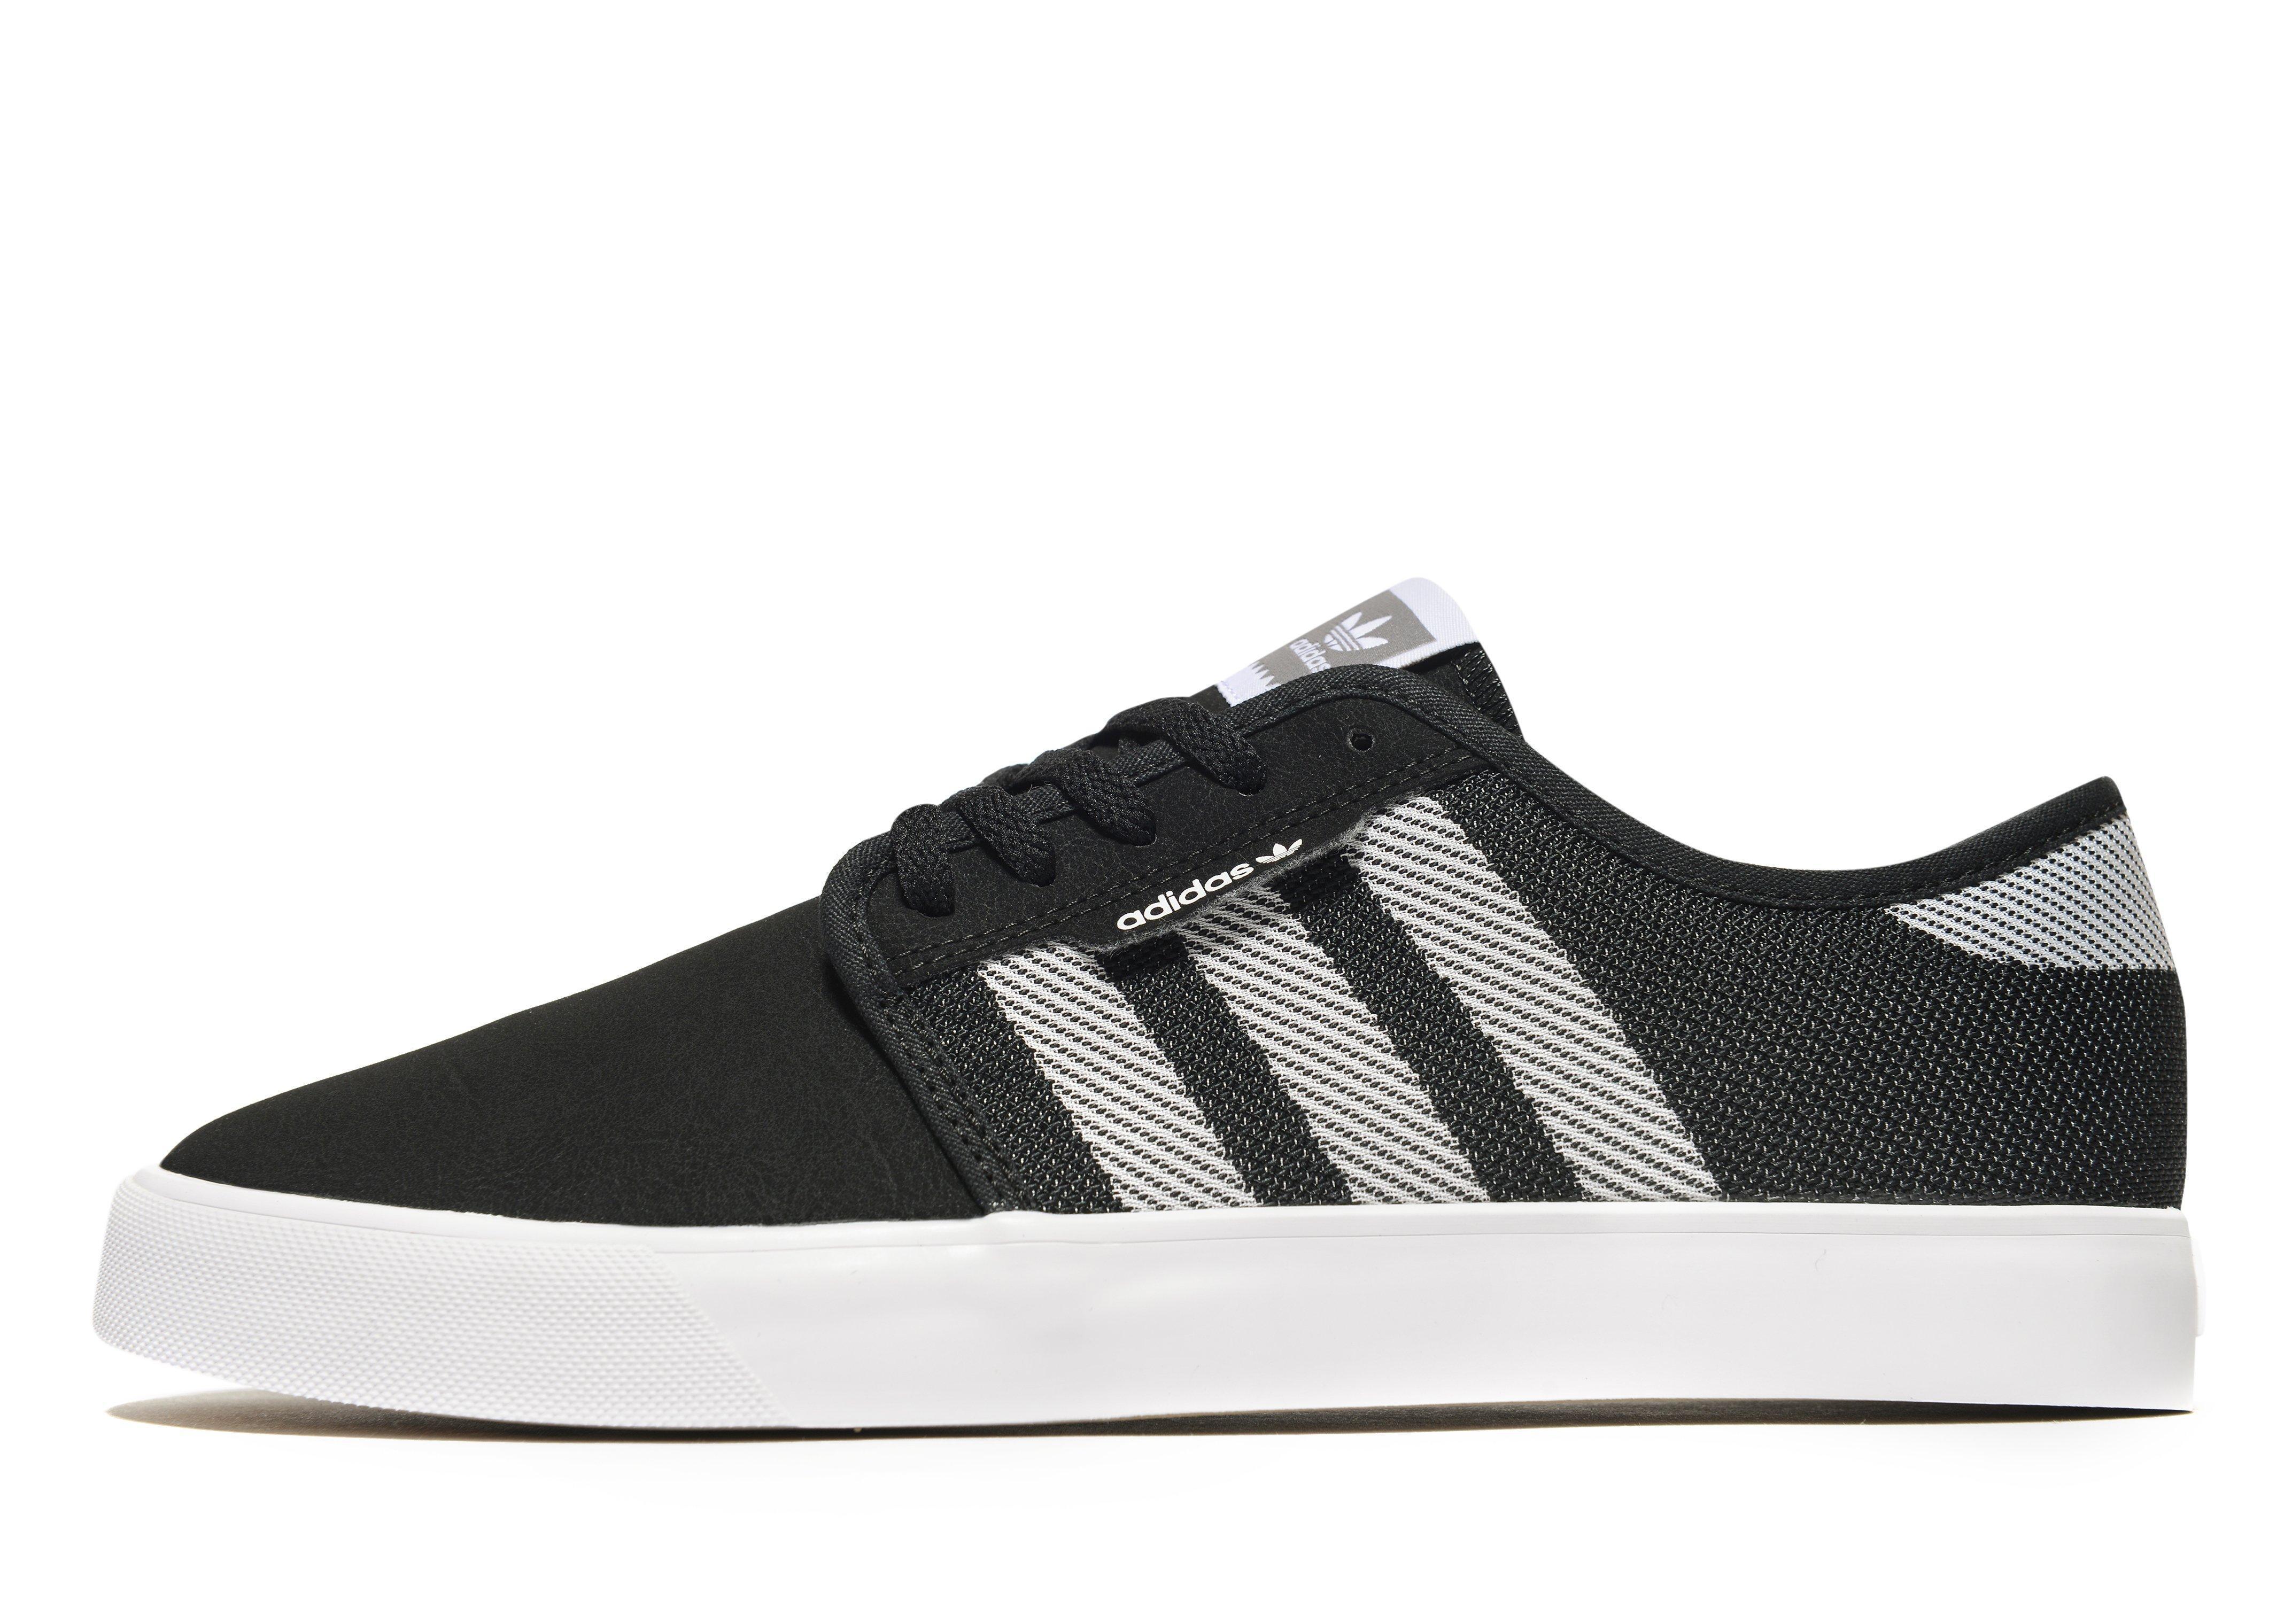 Adidas originali seely tessere in nero per salvare il 19% lyst